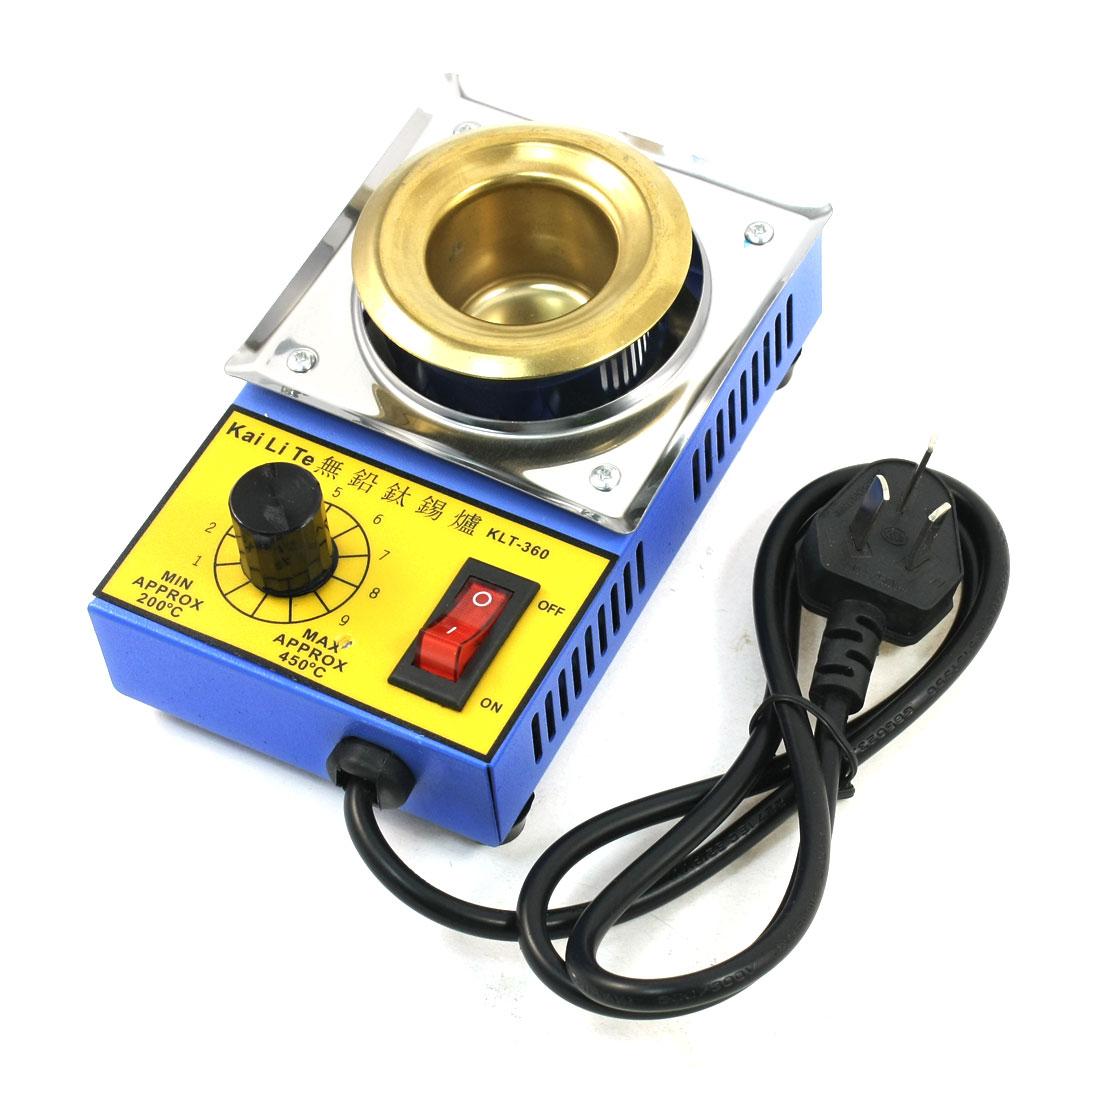 100W AC 220V Lead Free Round Solder Pot Desoldering Bath 150x92x62mm AU Plug